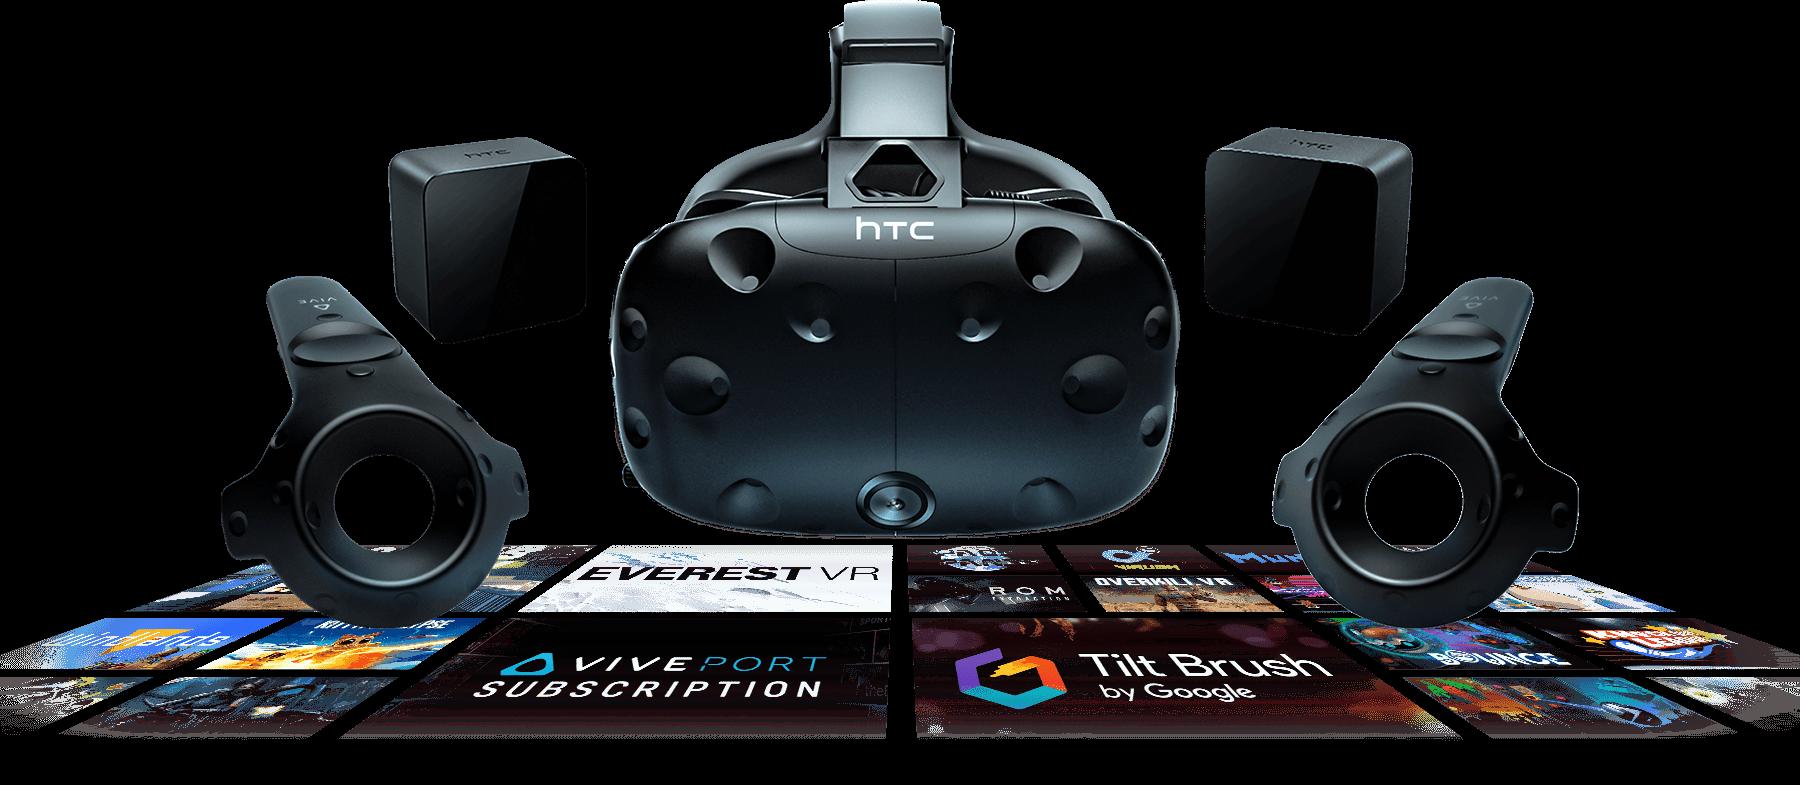 HTC 的靈壓要消失了?開發者正逐漸將焦點從 Vive 轉移至 Oculus Rift